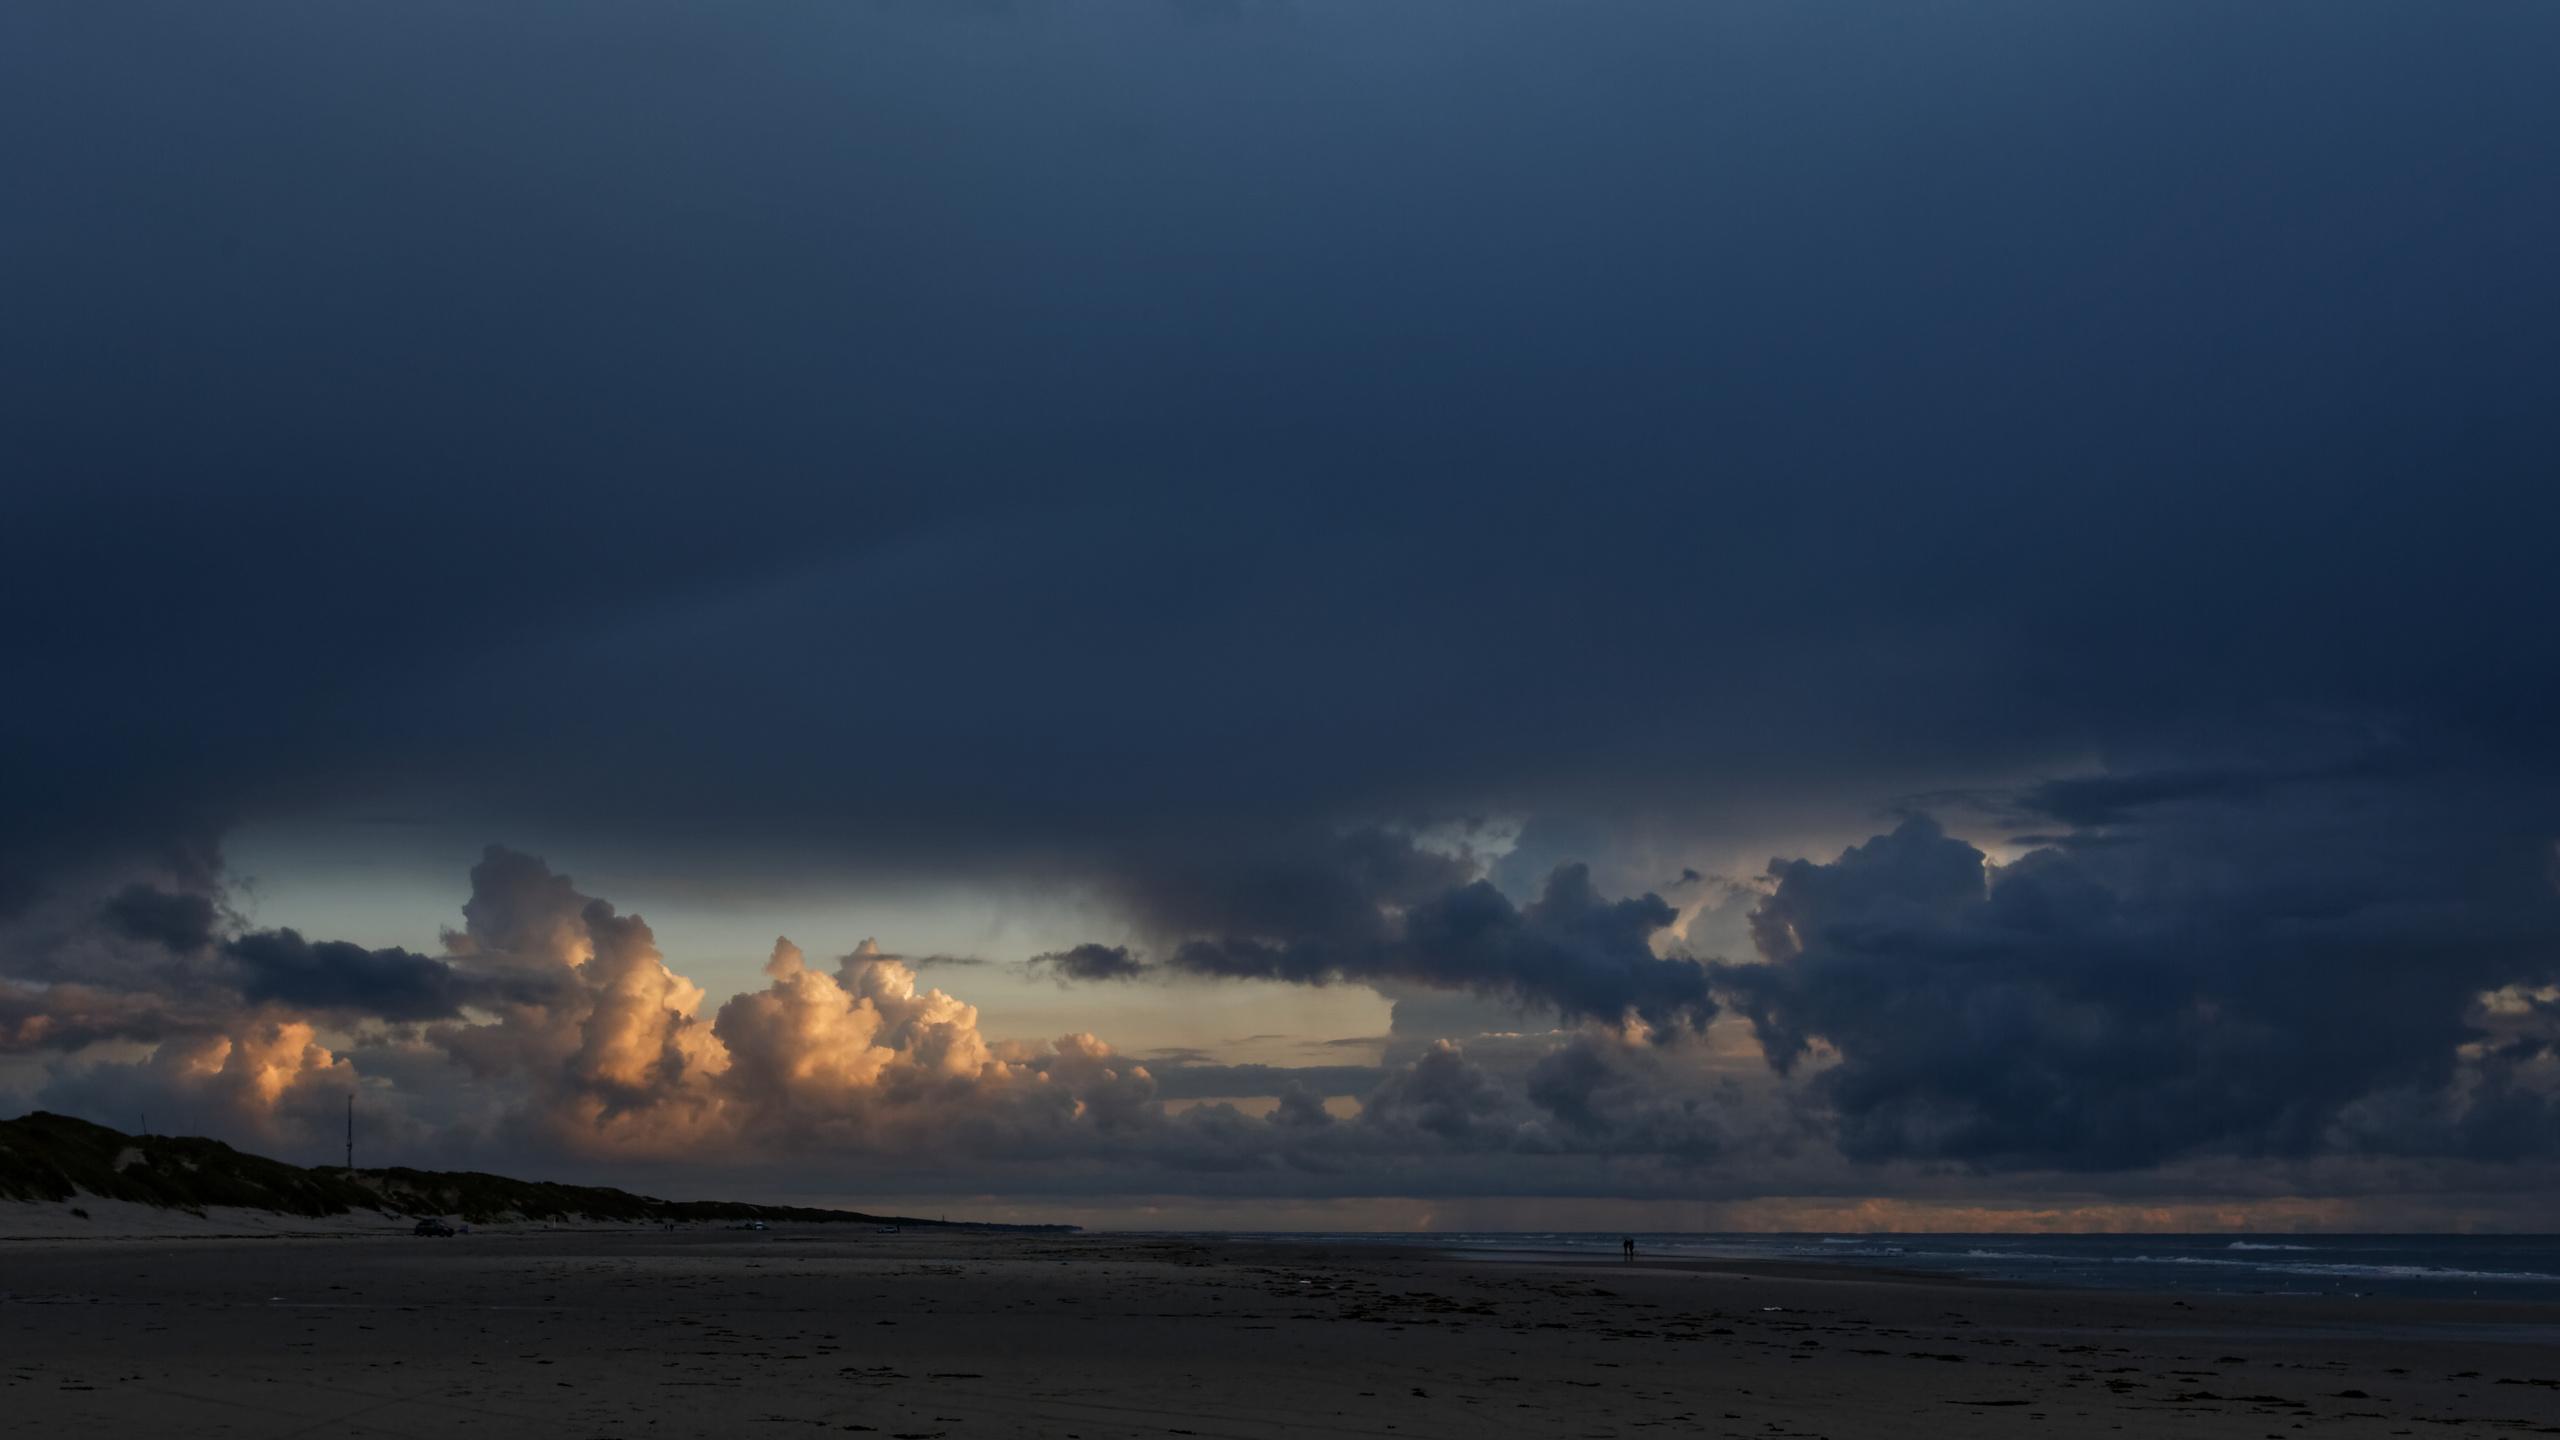 природа, море, берег, тучи, пасмурно